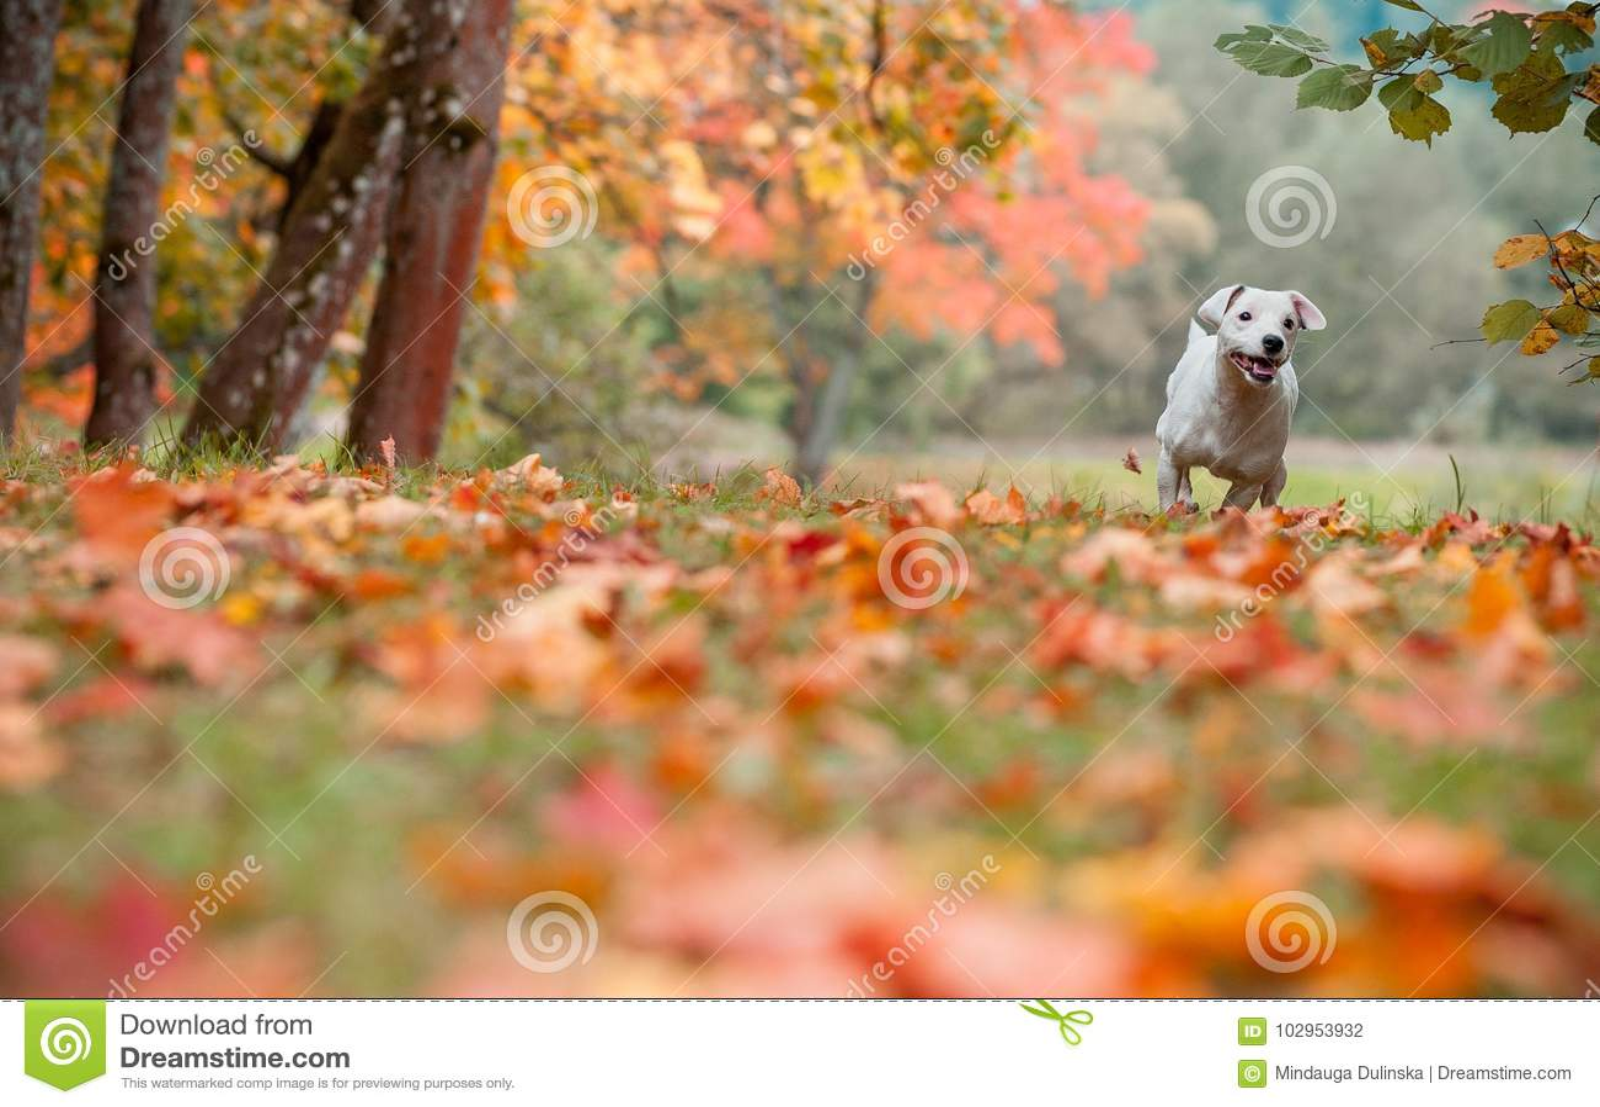 Jack Russell Terrier Dog Running heureux sur l herbe feuilles d automne à l arrière-plan